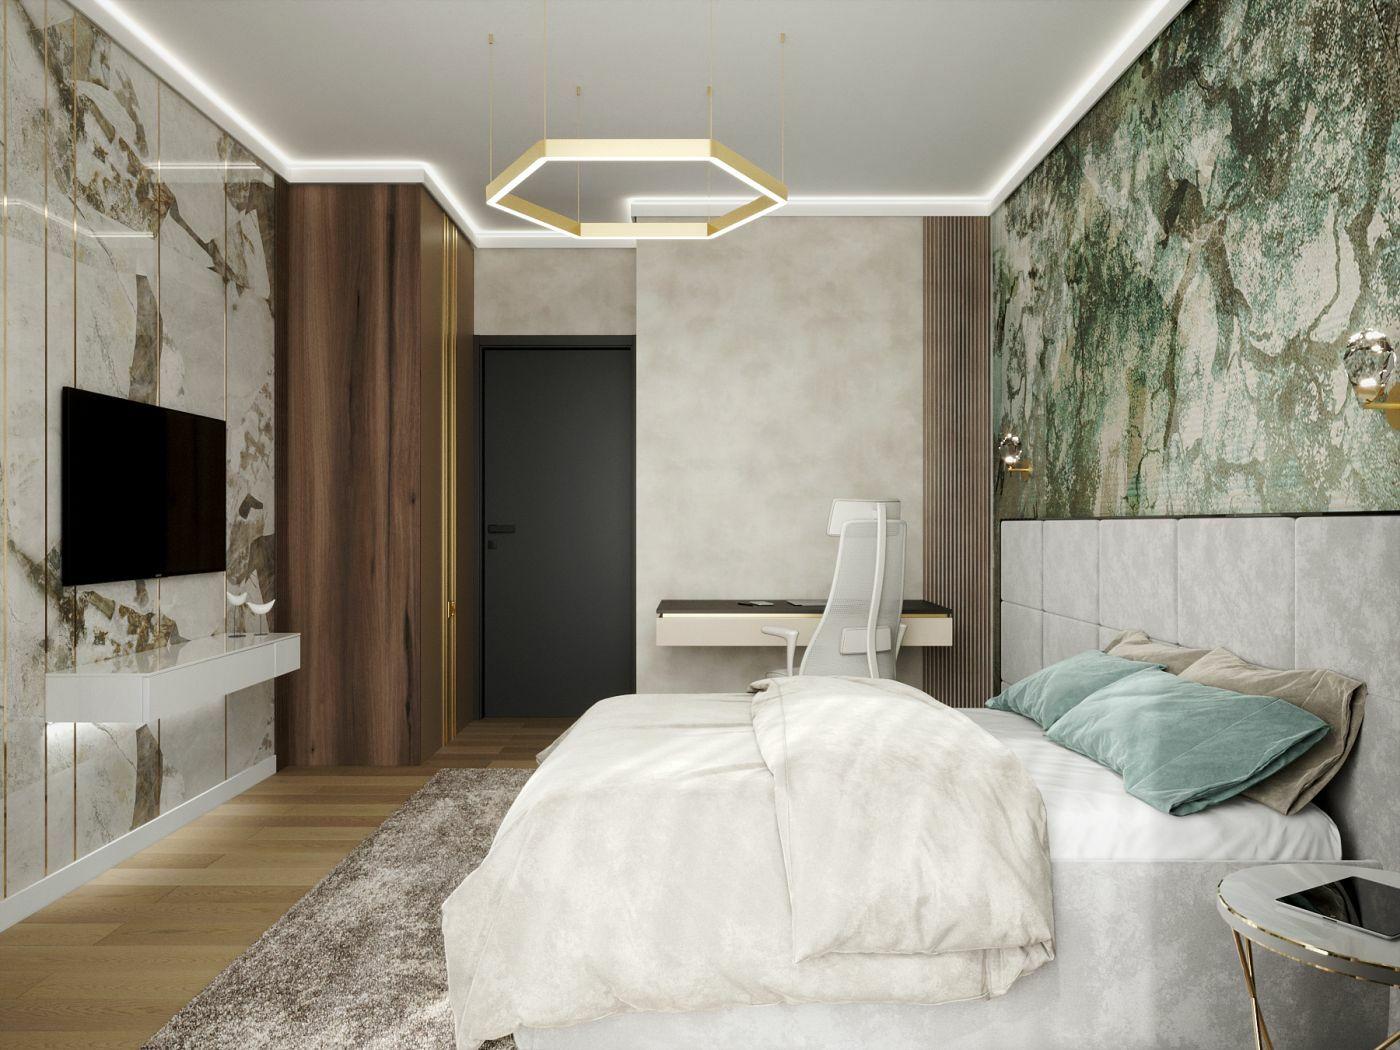 Kőmintás tapéta és faburkolatok teszik igényessé a helyiséget